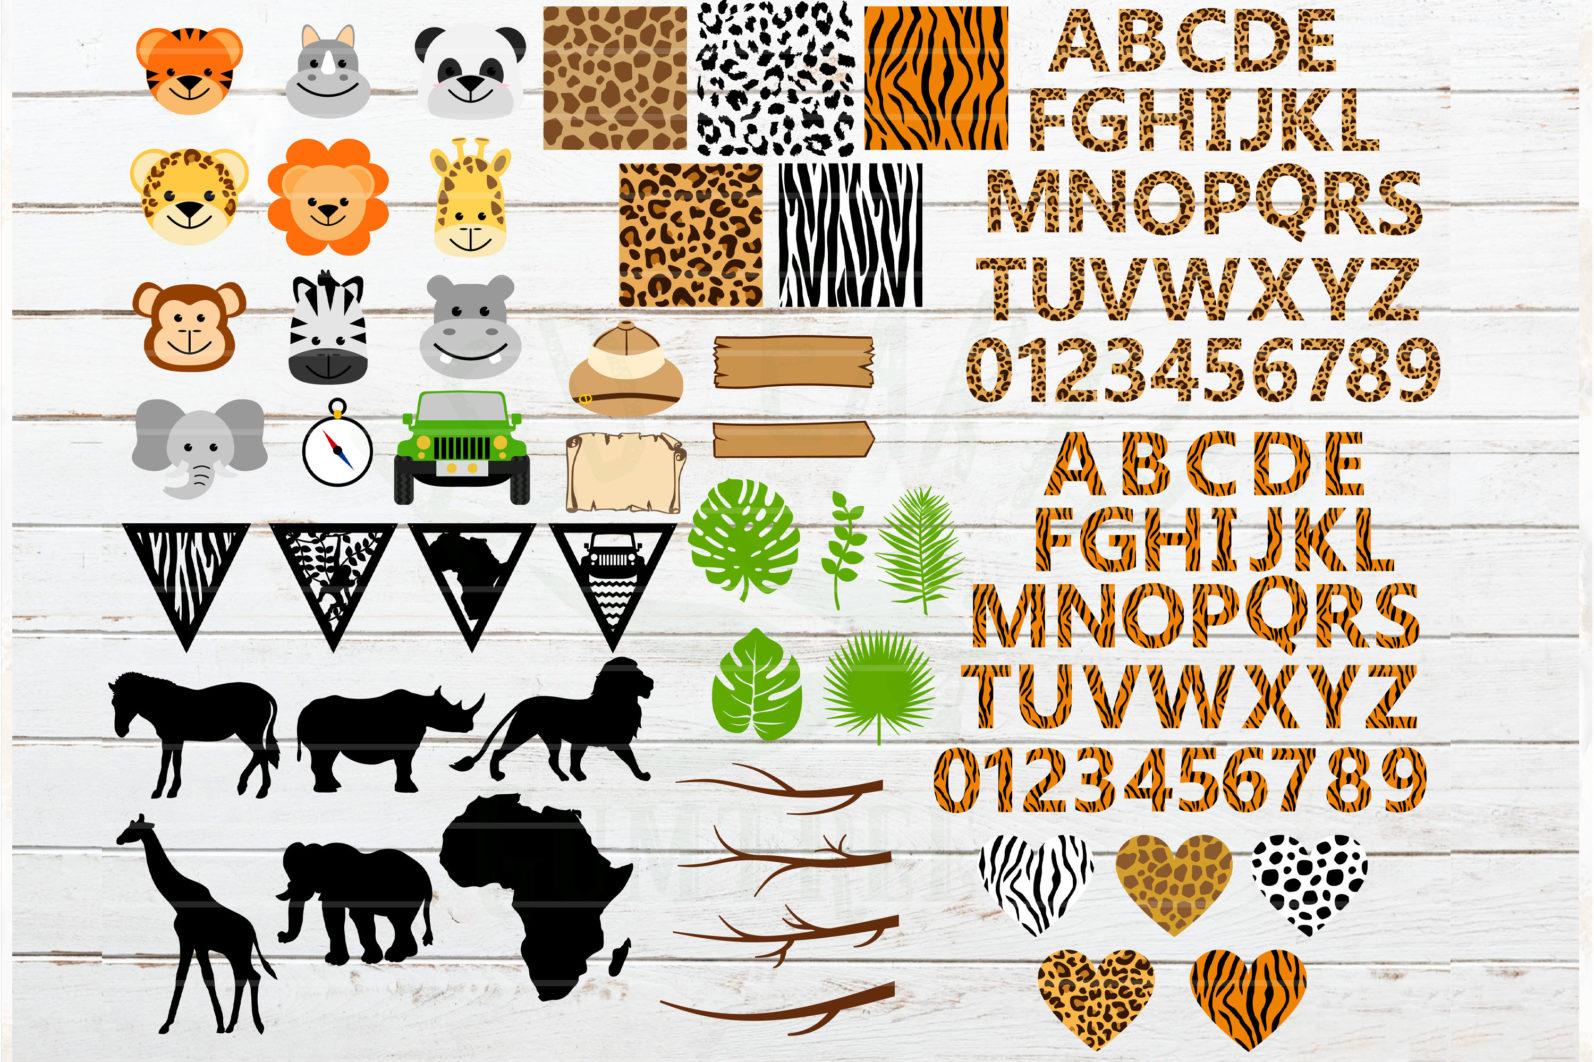 The Mega SVG Bundle Design. More than 650 Designs included in SVG,PNG,DXF,PDF,EPS formats - sarafi svg bundle cheetah pattern tiger patternleopard print letters safari animals svg 2 scaled -